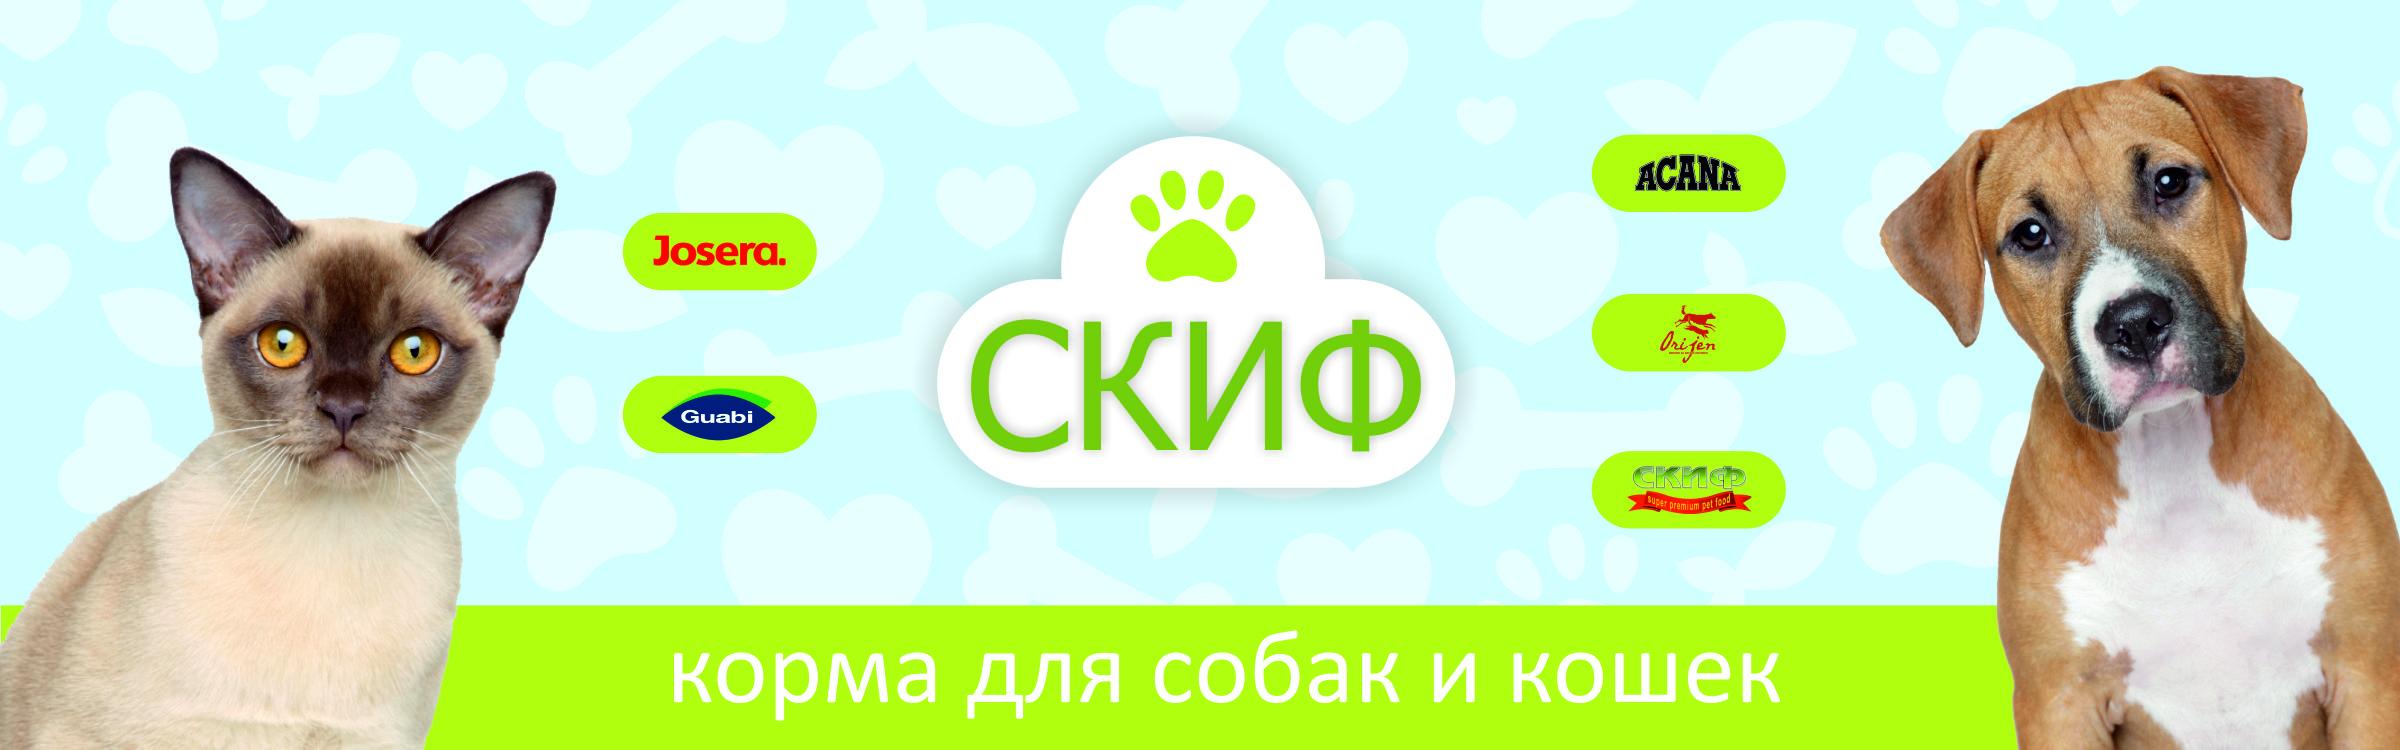 Корм для собак и кошек 'Скиф - Корм для собак и кошек' в Ростове-на-Дону. Главная страница